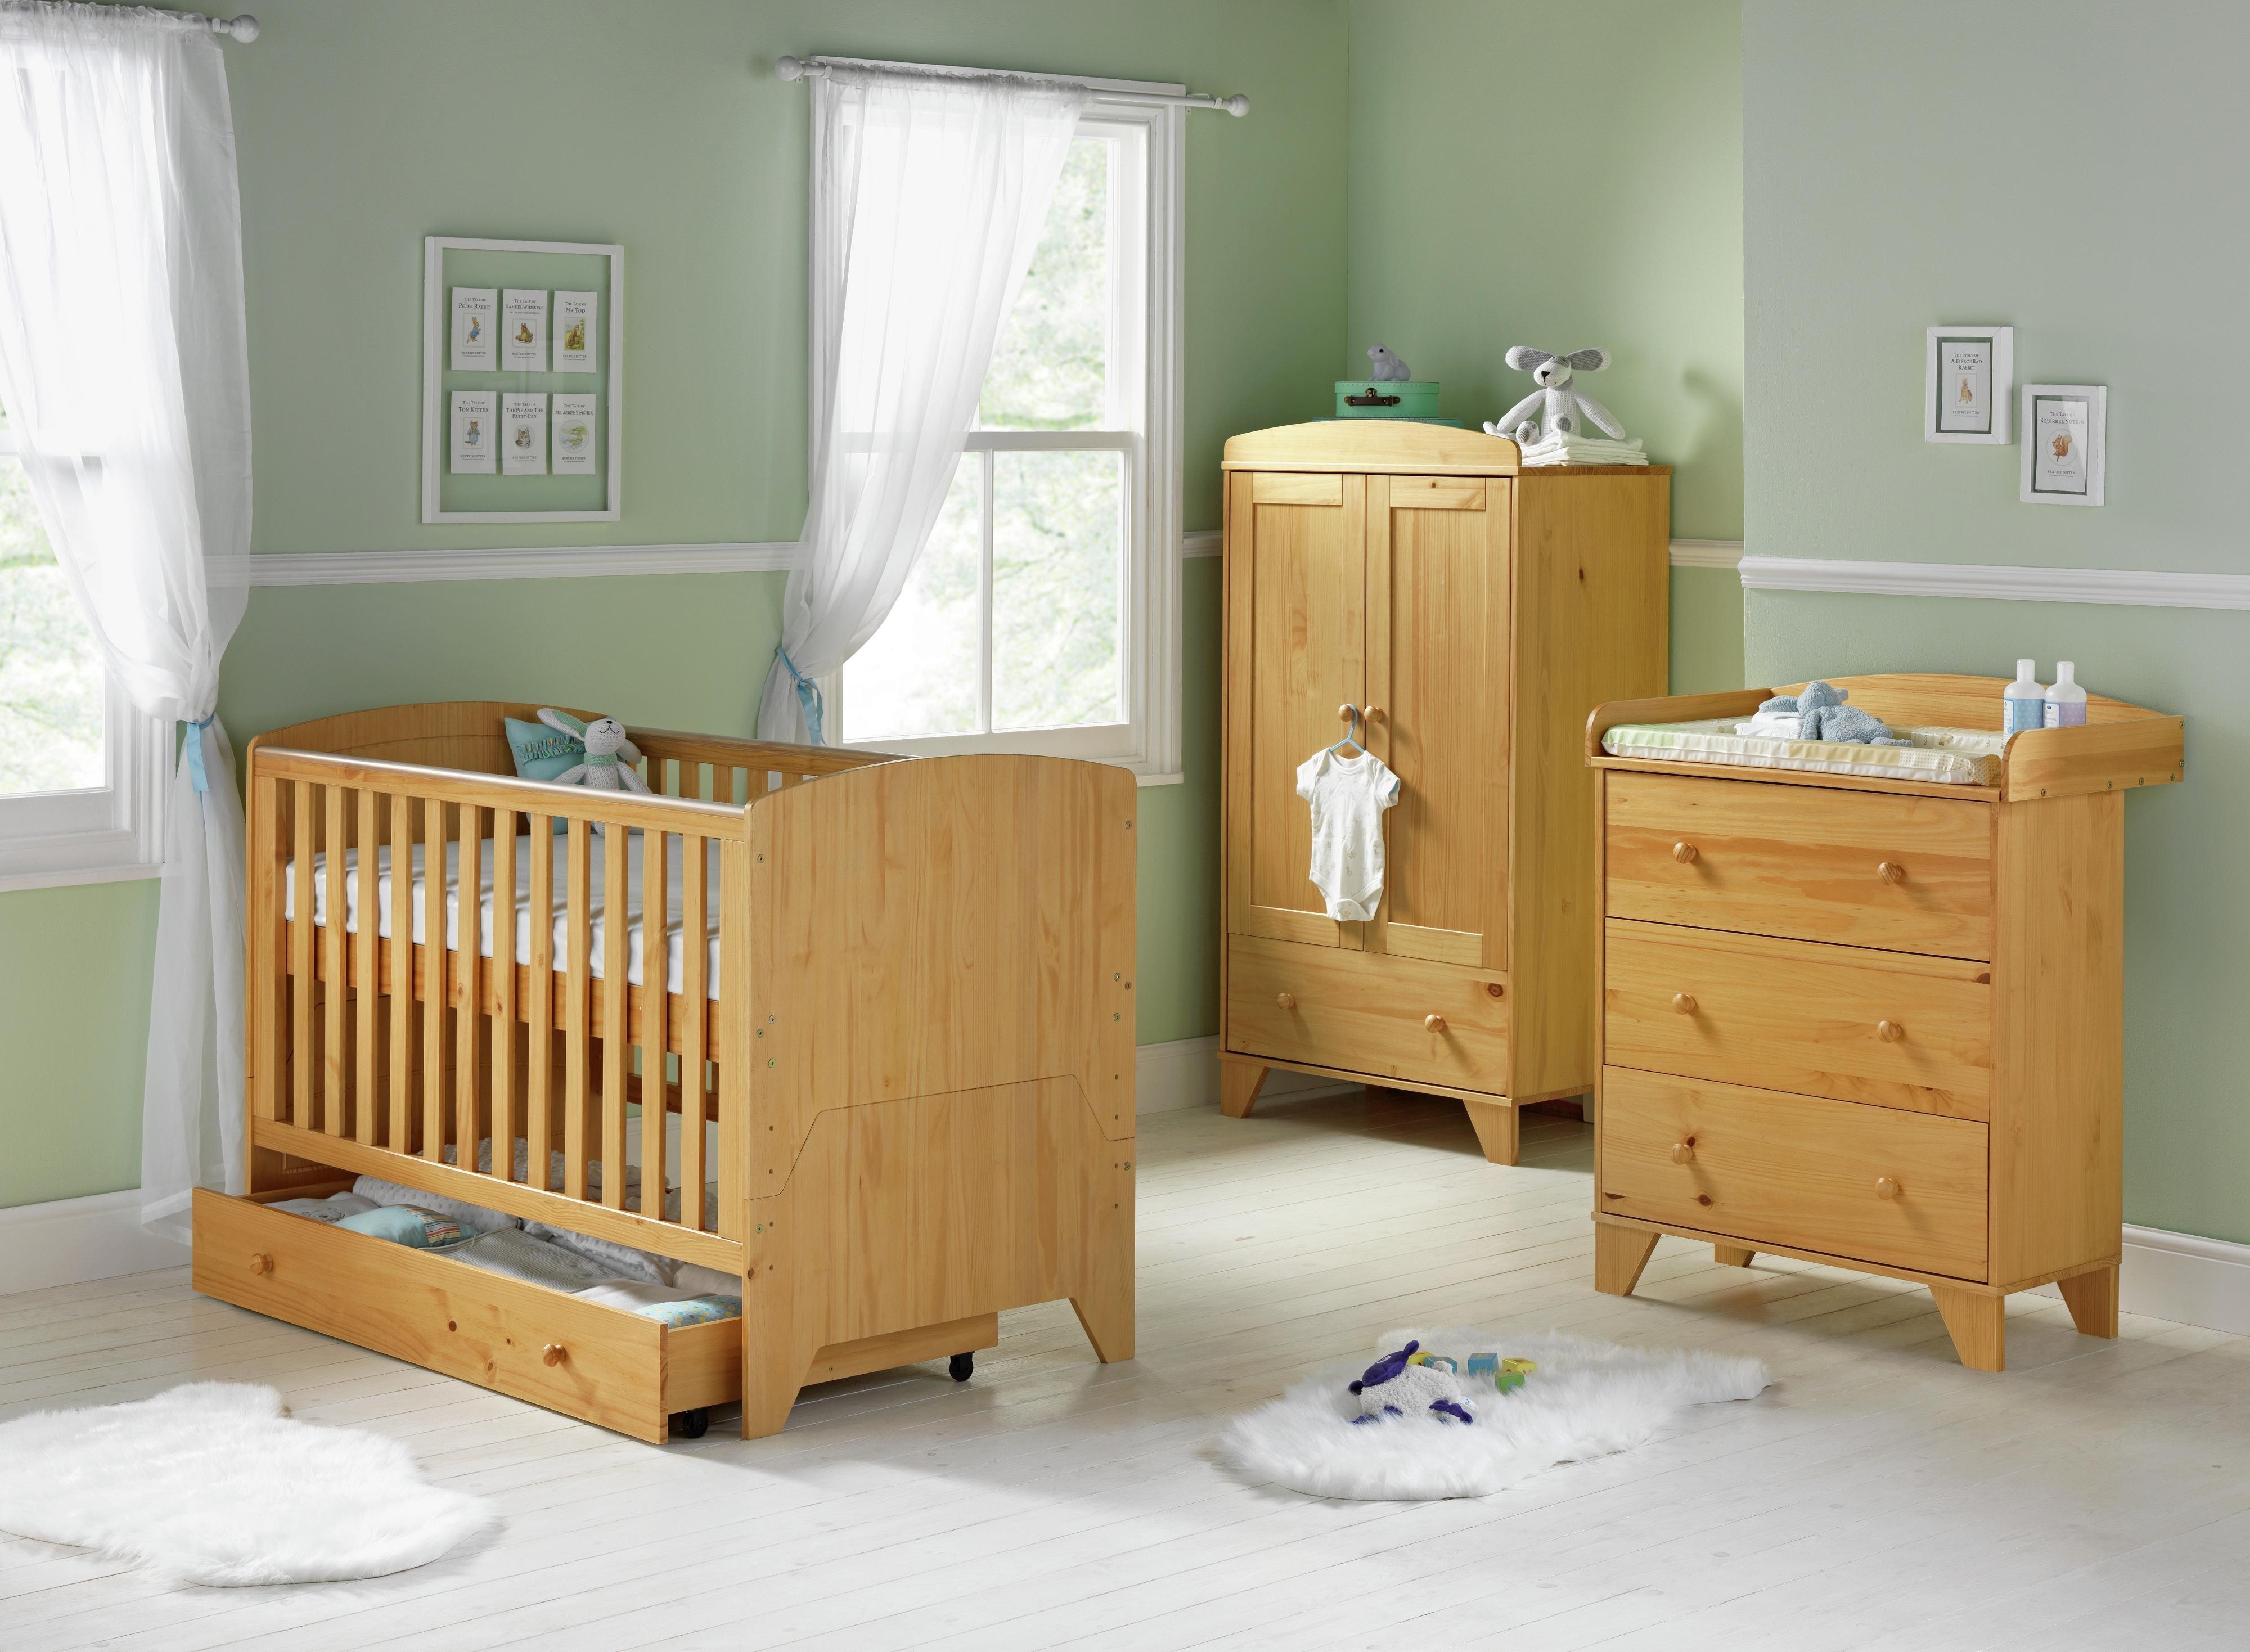 babystart new oxford 5 piece furniture set pine review. Black Bedroom Furniture Sets. Home Design Ideas